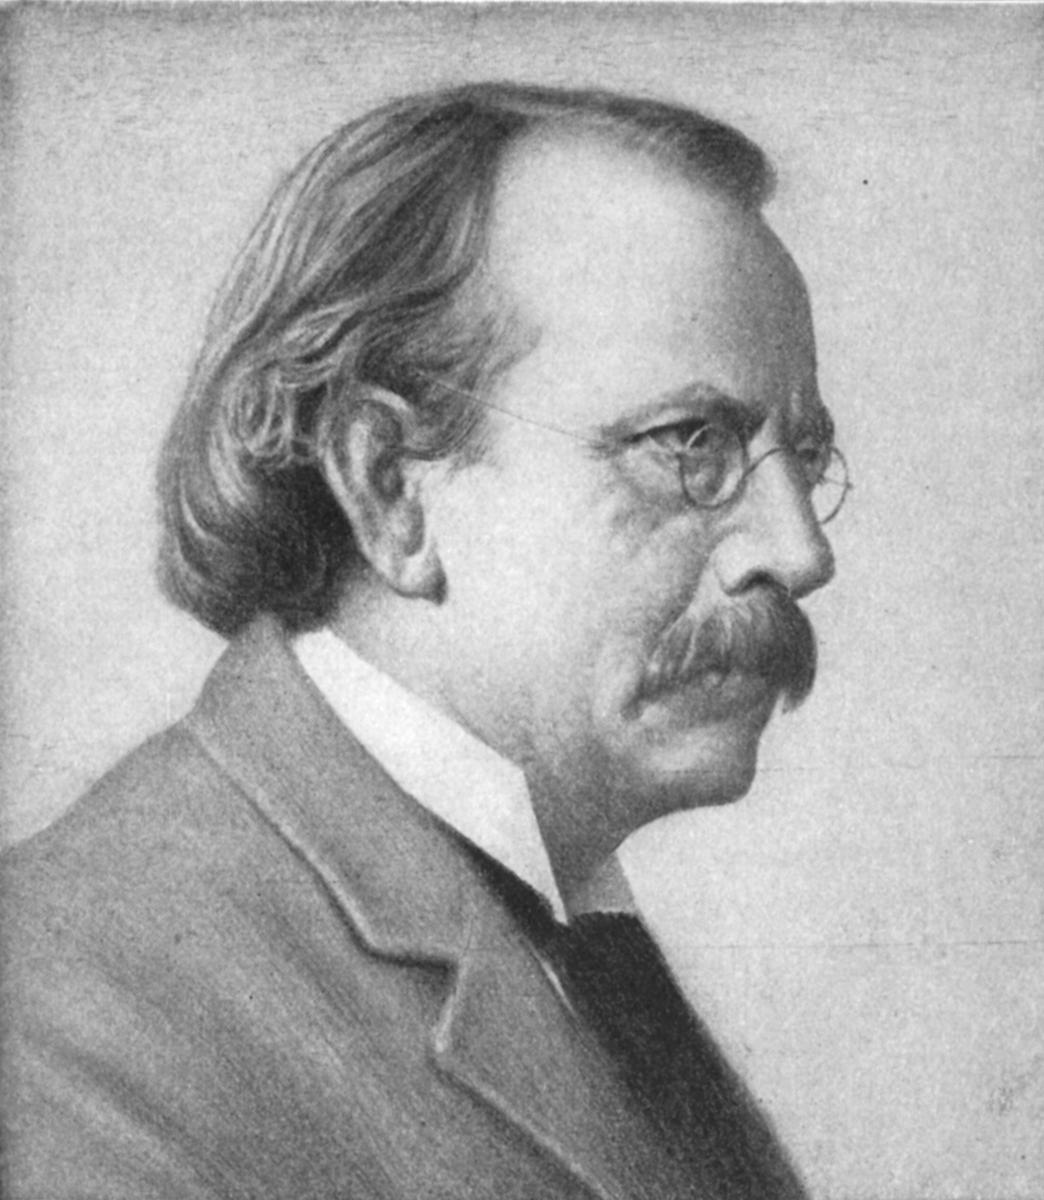 Joseph John Thomson (18 Aralık 1856 - 30 Ağustos 1940)